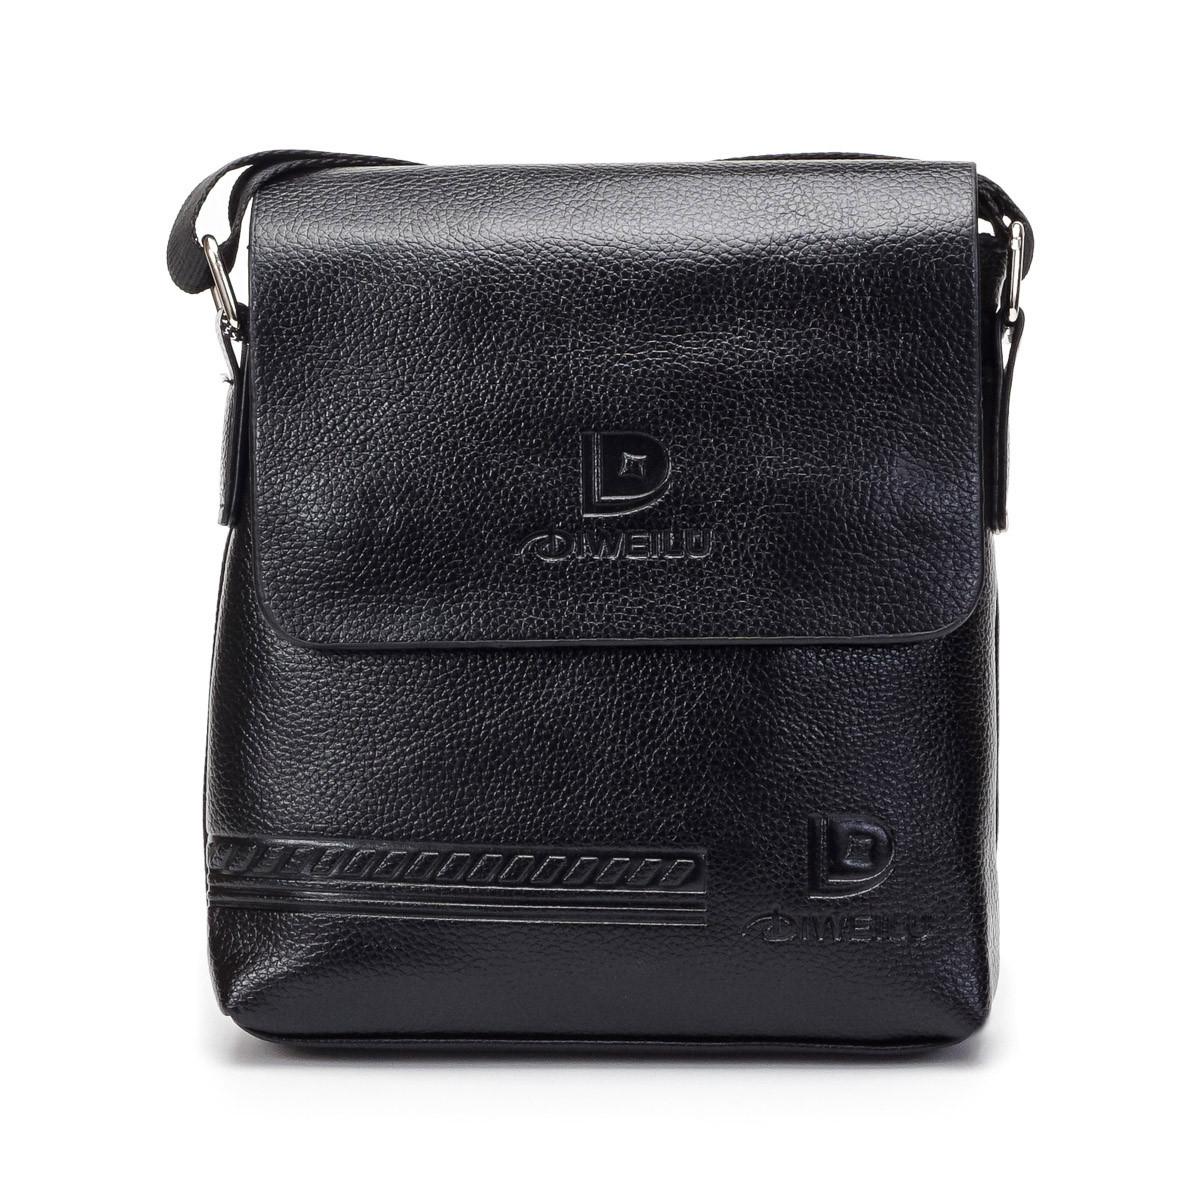 f3d77beebed3 Сумка мужская стильная черная: продажа, цена в Сумской области ...